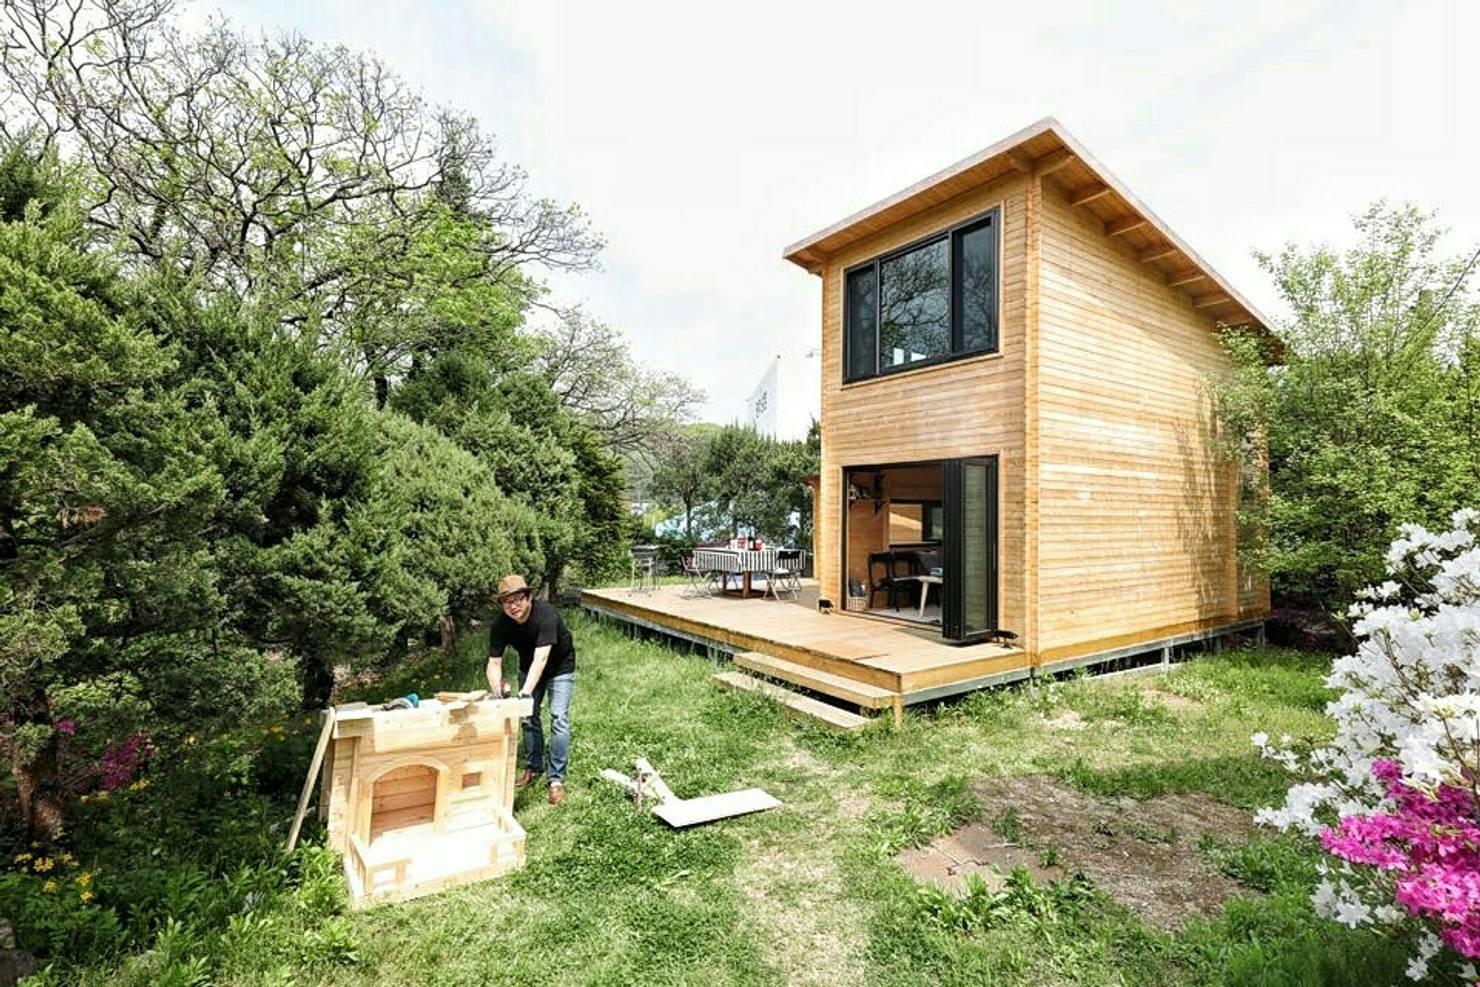 자연주의 삶, 노르웨이식 조립 원목 하우스